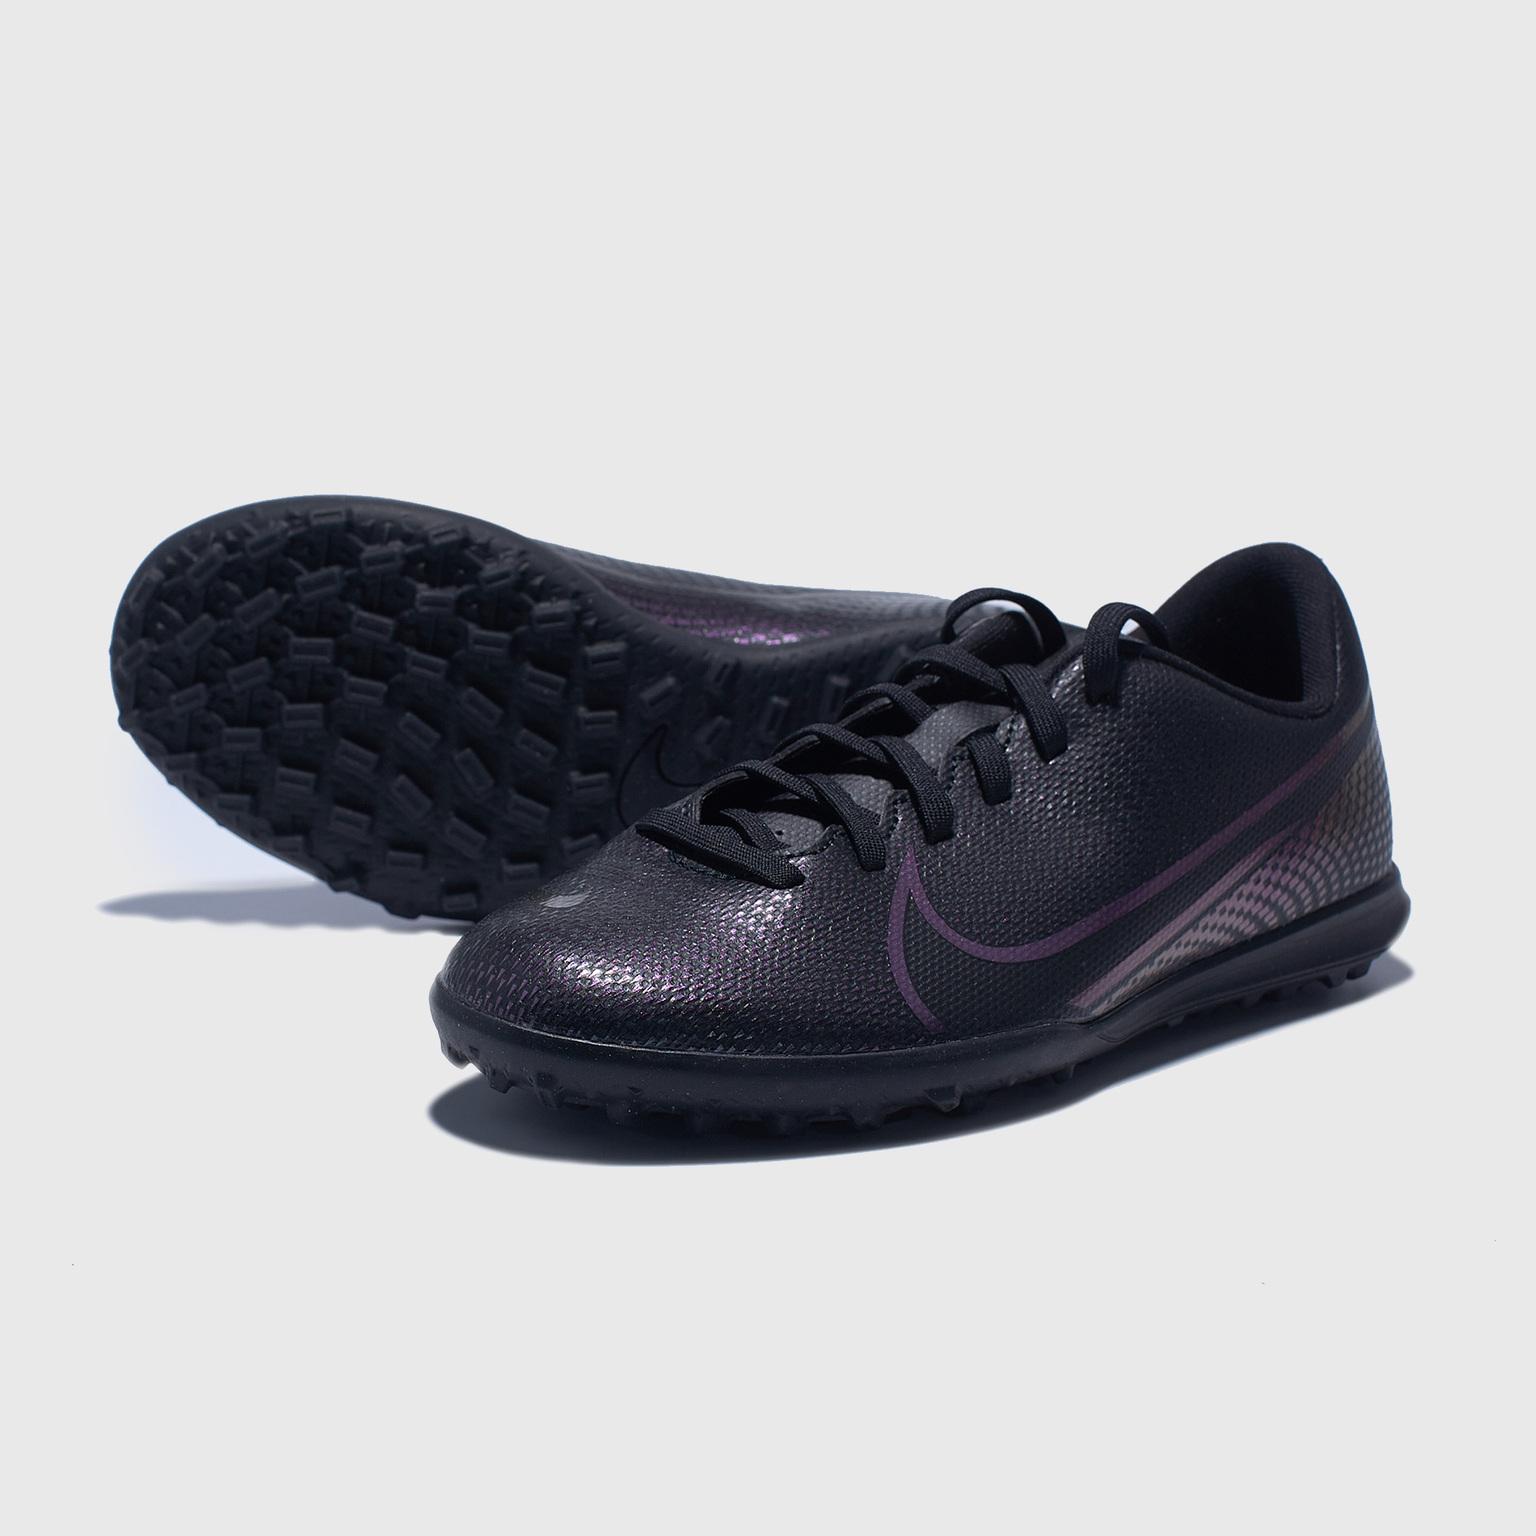 Фото - Шиповки детские Nike Vapor 13 Club TF AT8177-010 шиповки детские nike vapor 13 academy neymar tf at8144 104